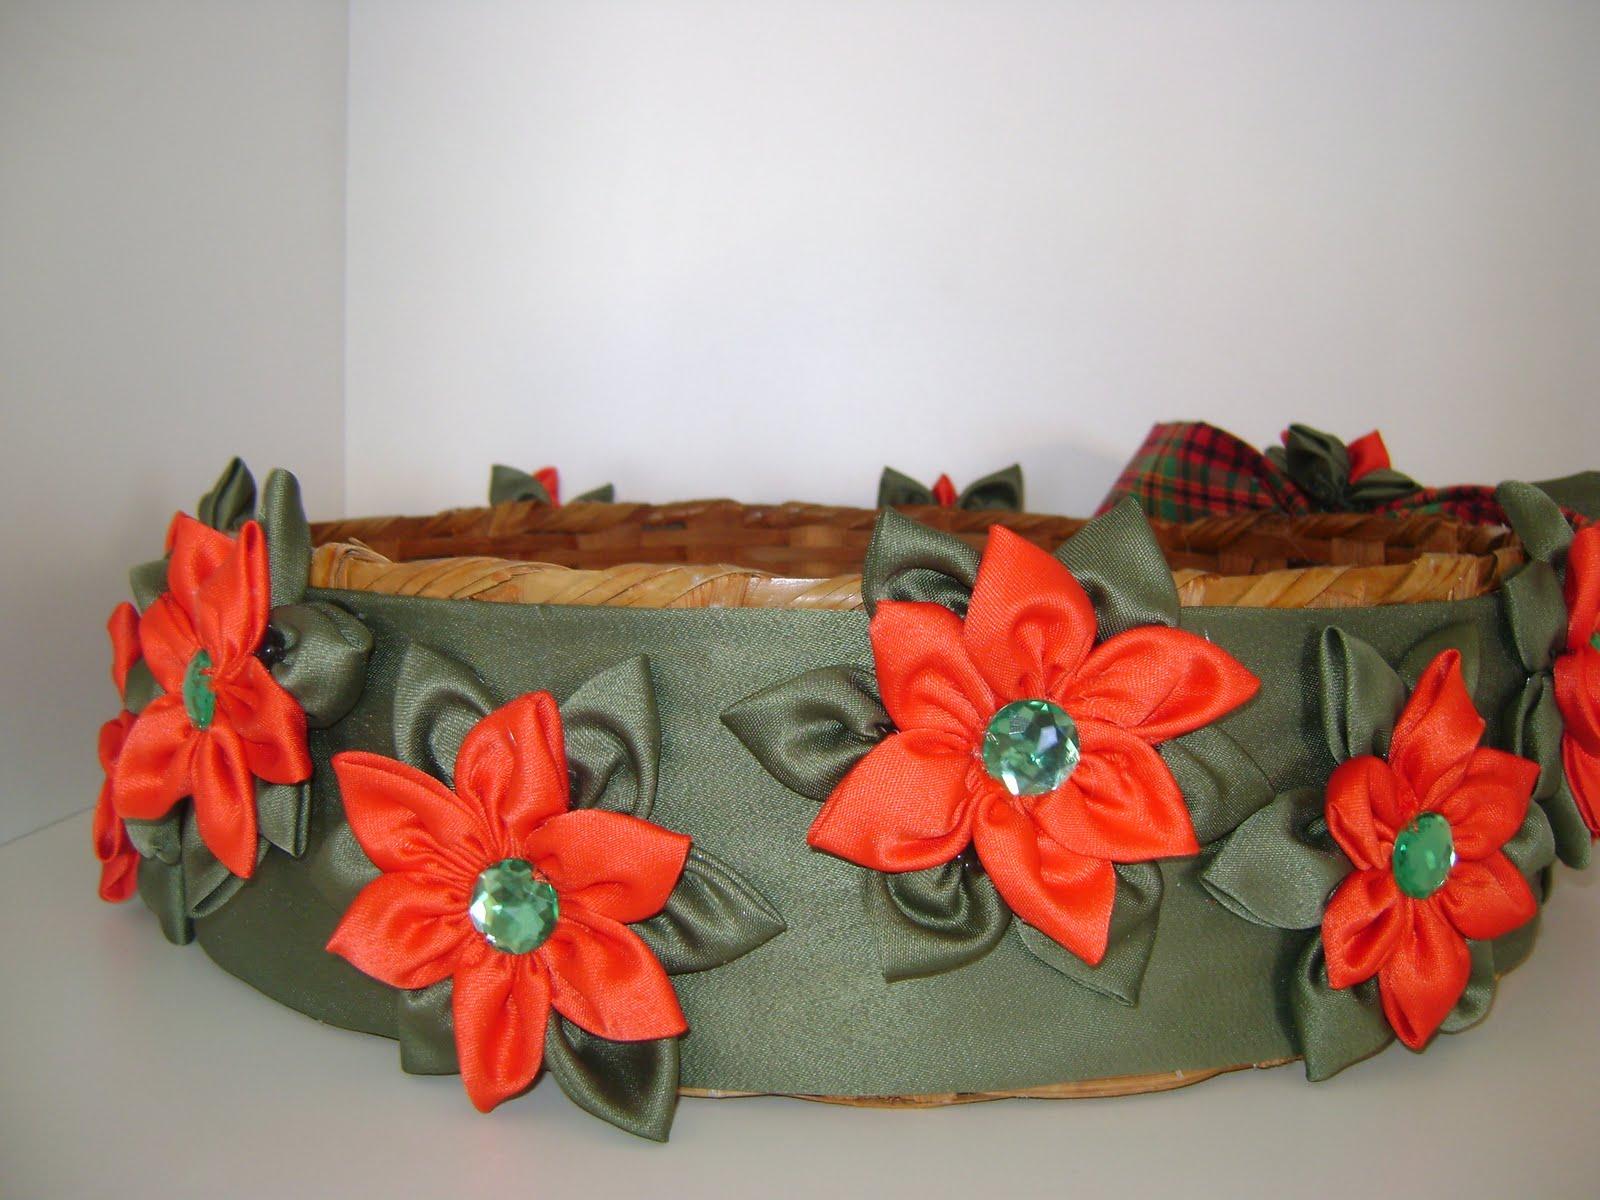 http://3.bp.blogspot.com/_UG3IfqLXa68/TOqUrZm1ioI/AAAAAAAAAmo/D-DwI04JAYE/s1600/artesanatos%2B1%2B006.jpg